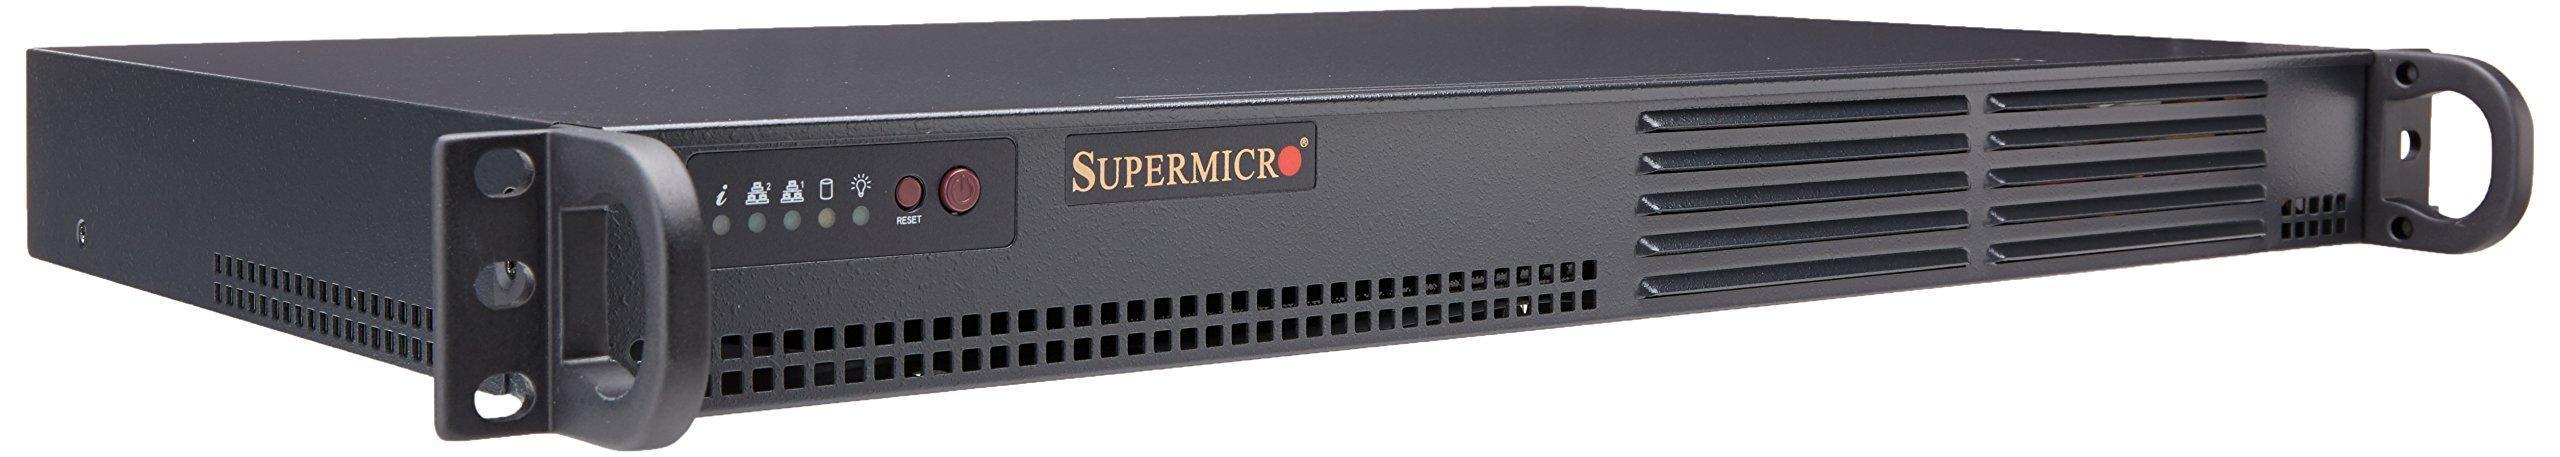 Supermicro SuperServer Atom D510 1U Rackmount Server Barebone System, Black SYS-5015A-PHF